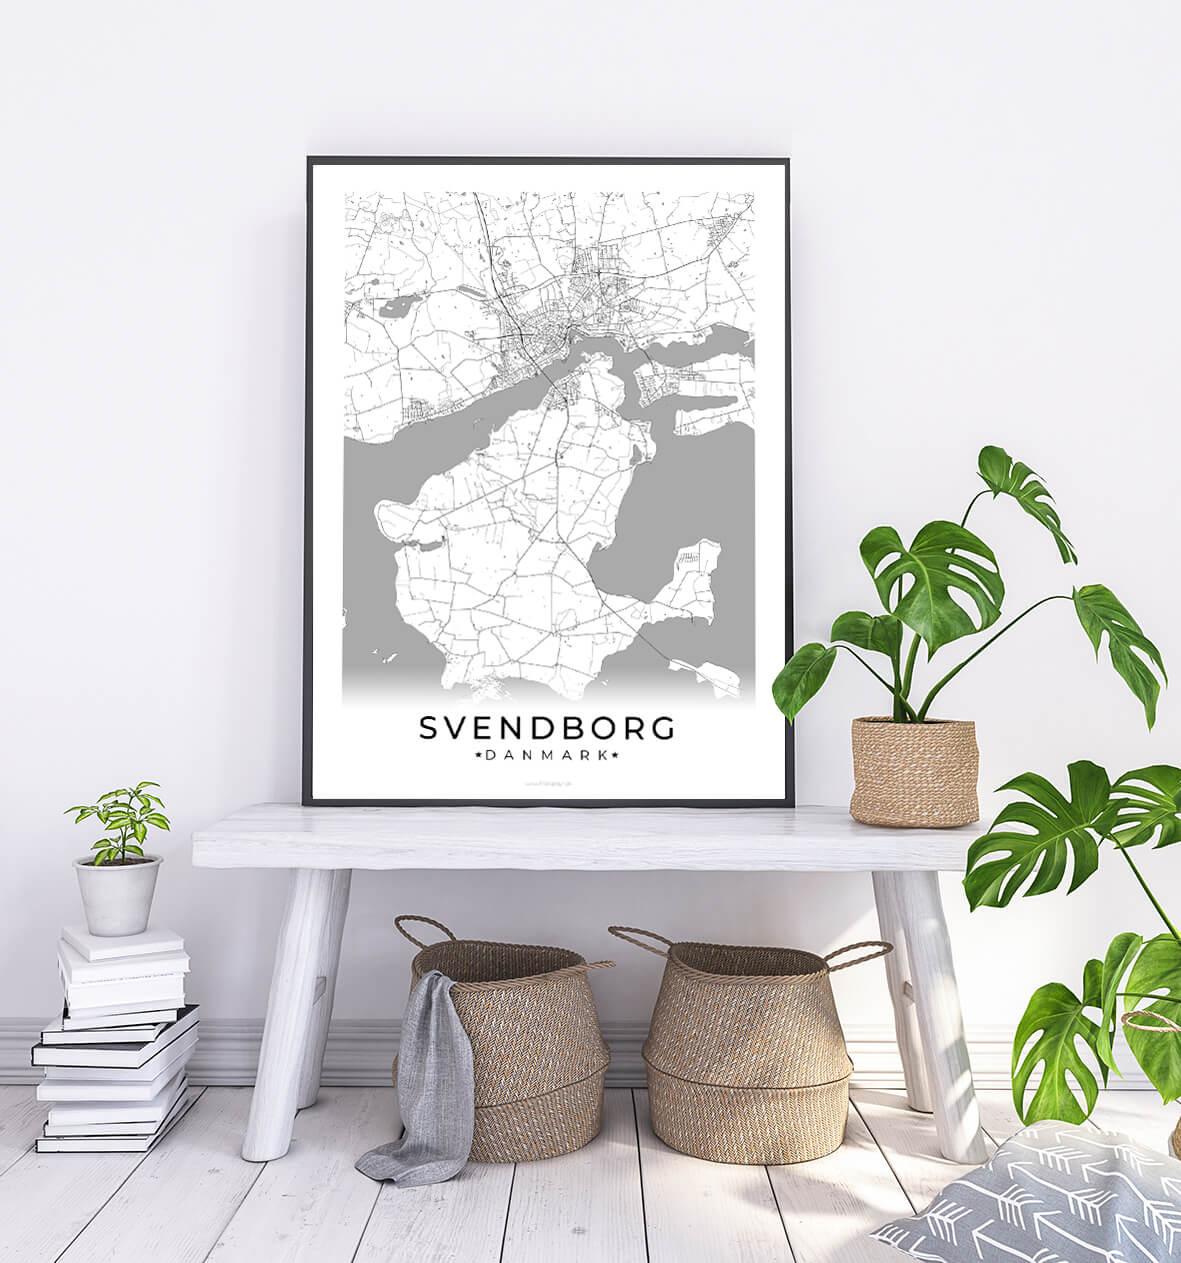 Svendborg-hvid-byplakat-1